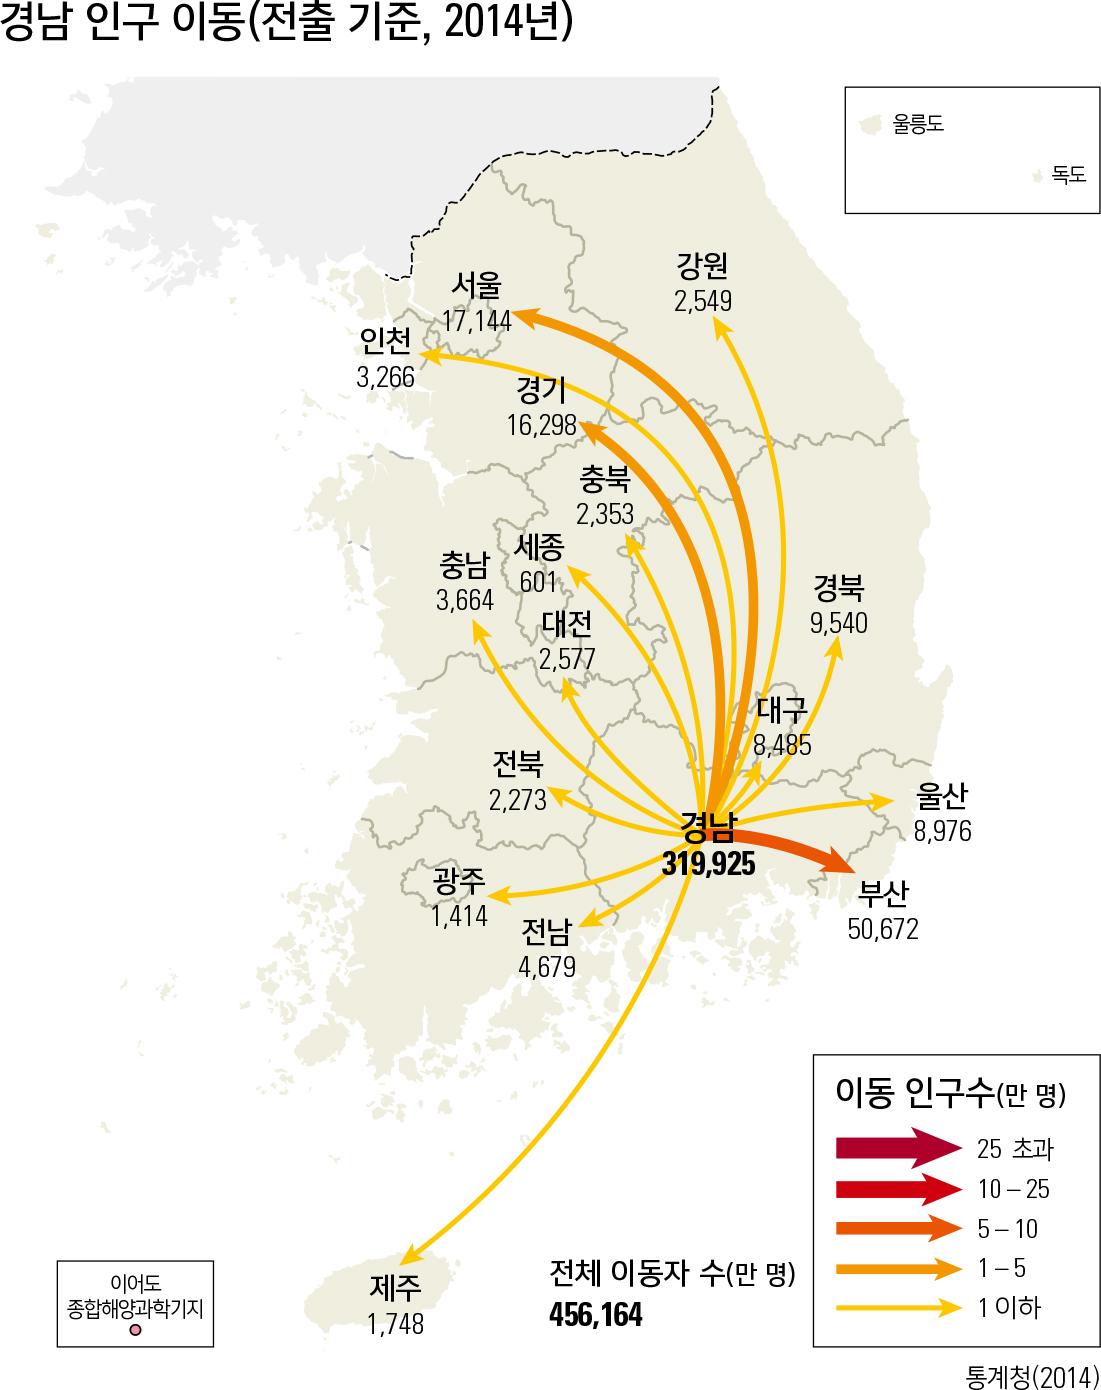 경남 인구 이동(전출 기준, 2014년)